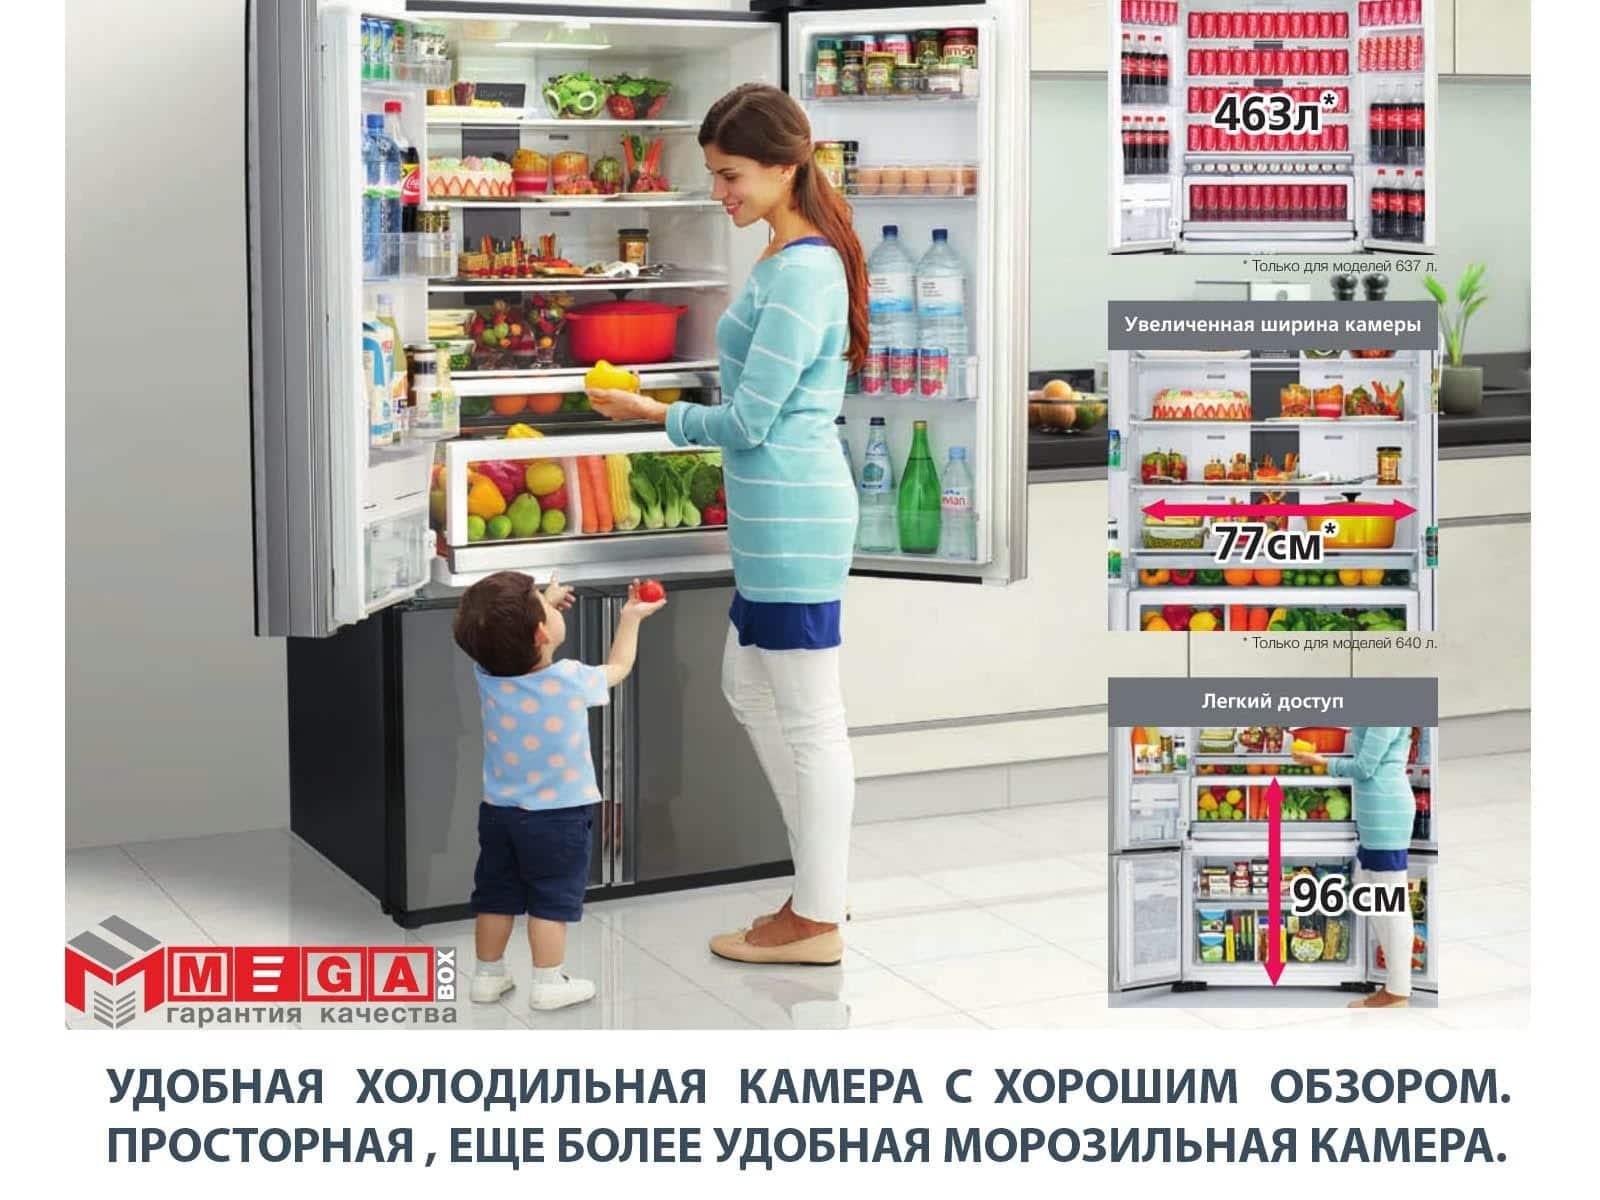 hitachi-r-wb800puc5gbk_2-min Холодильник Hitachi R-WB730PUC5GBK